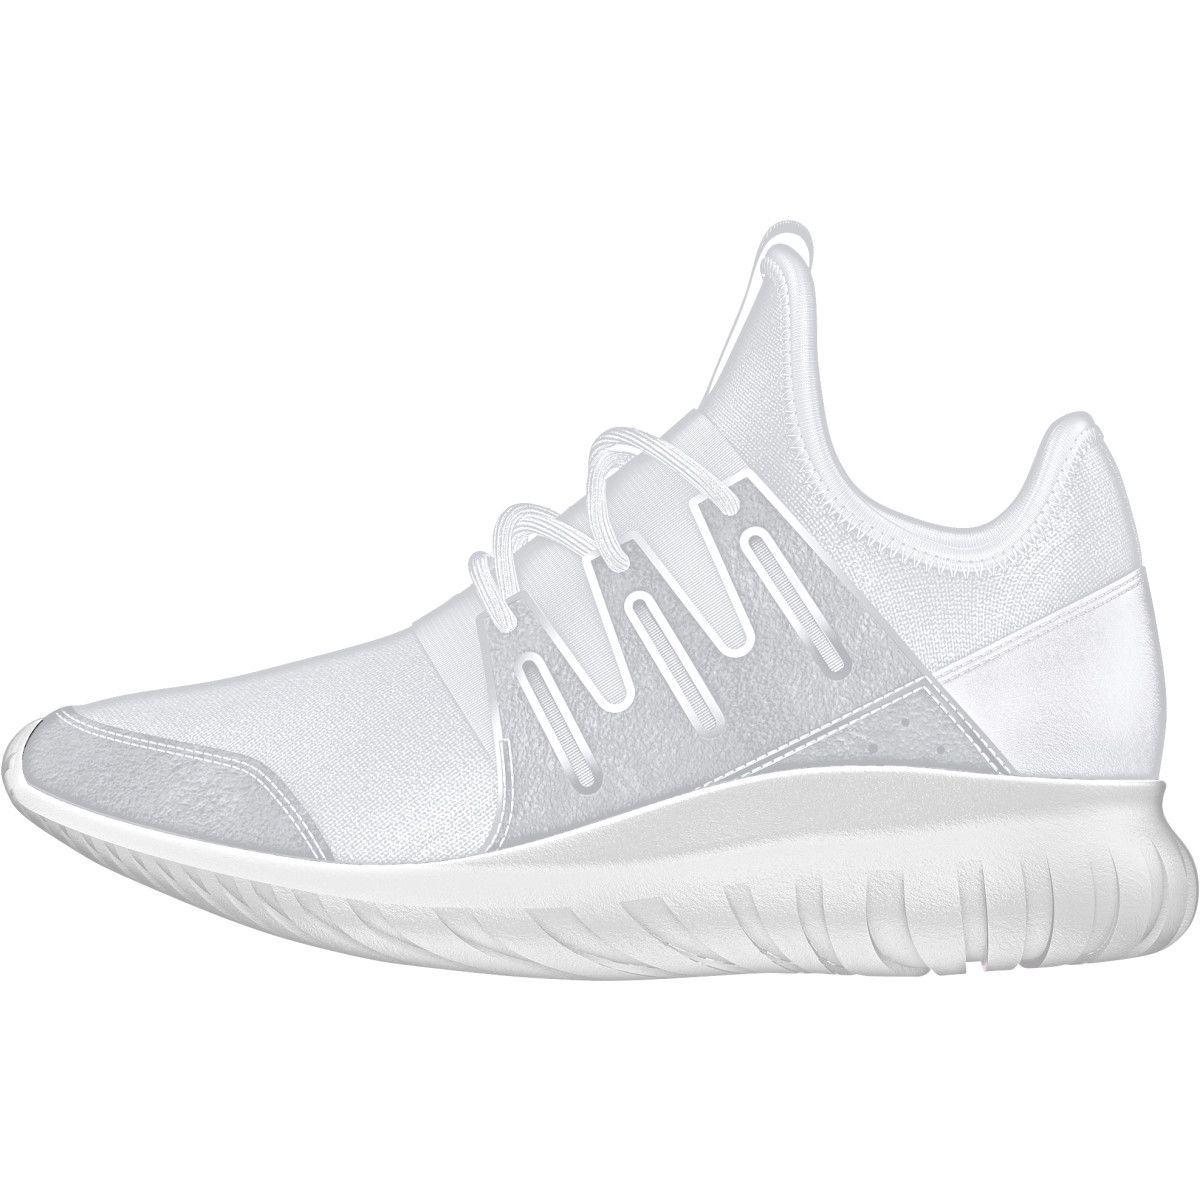 Ragazzi adidas tubulare radiale scarpe adidas, per le scarpe e